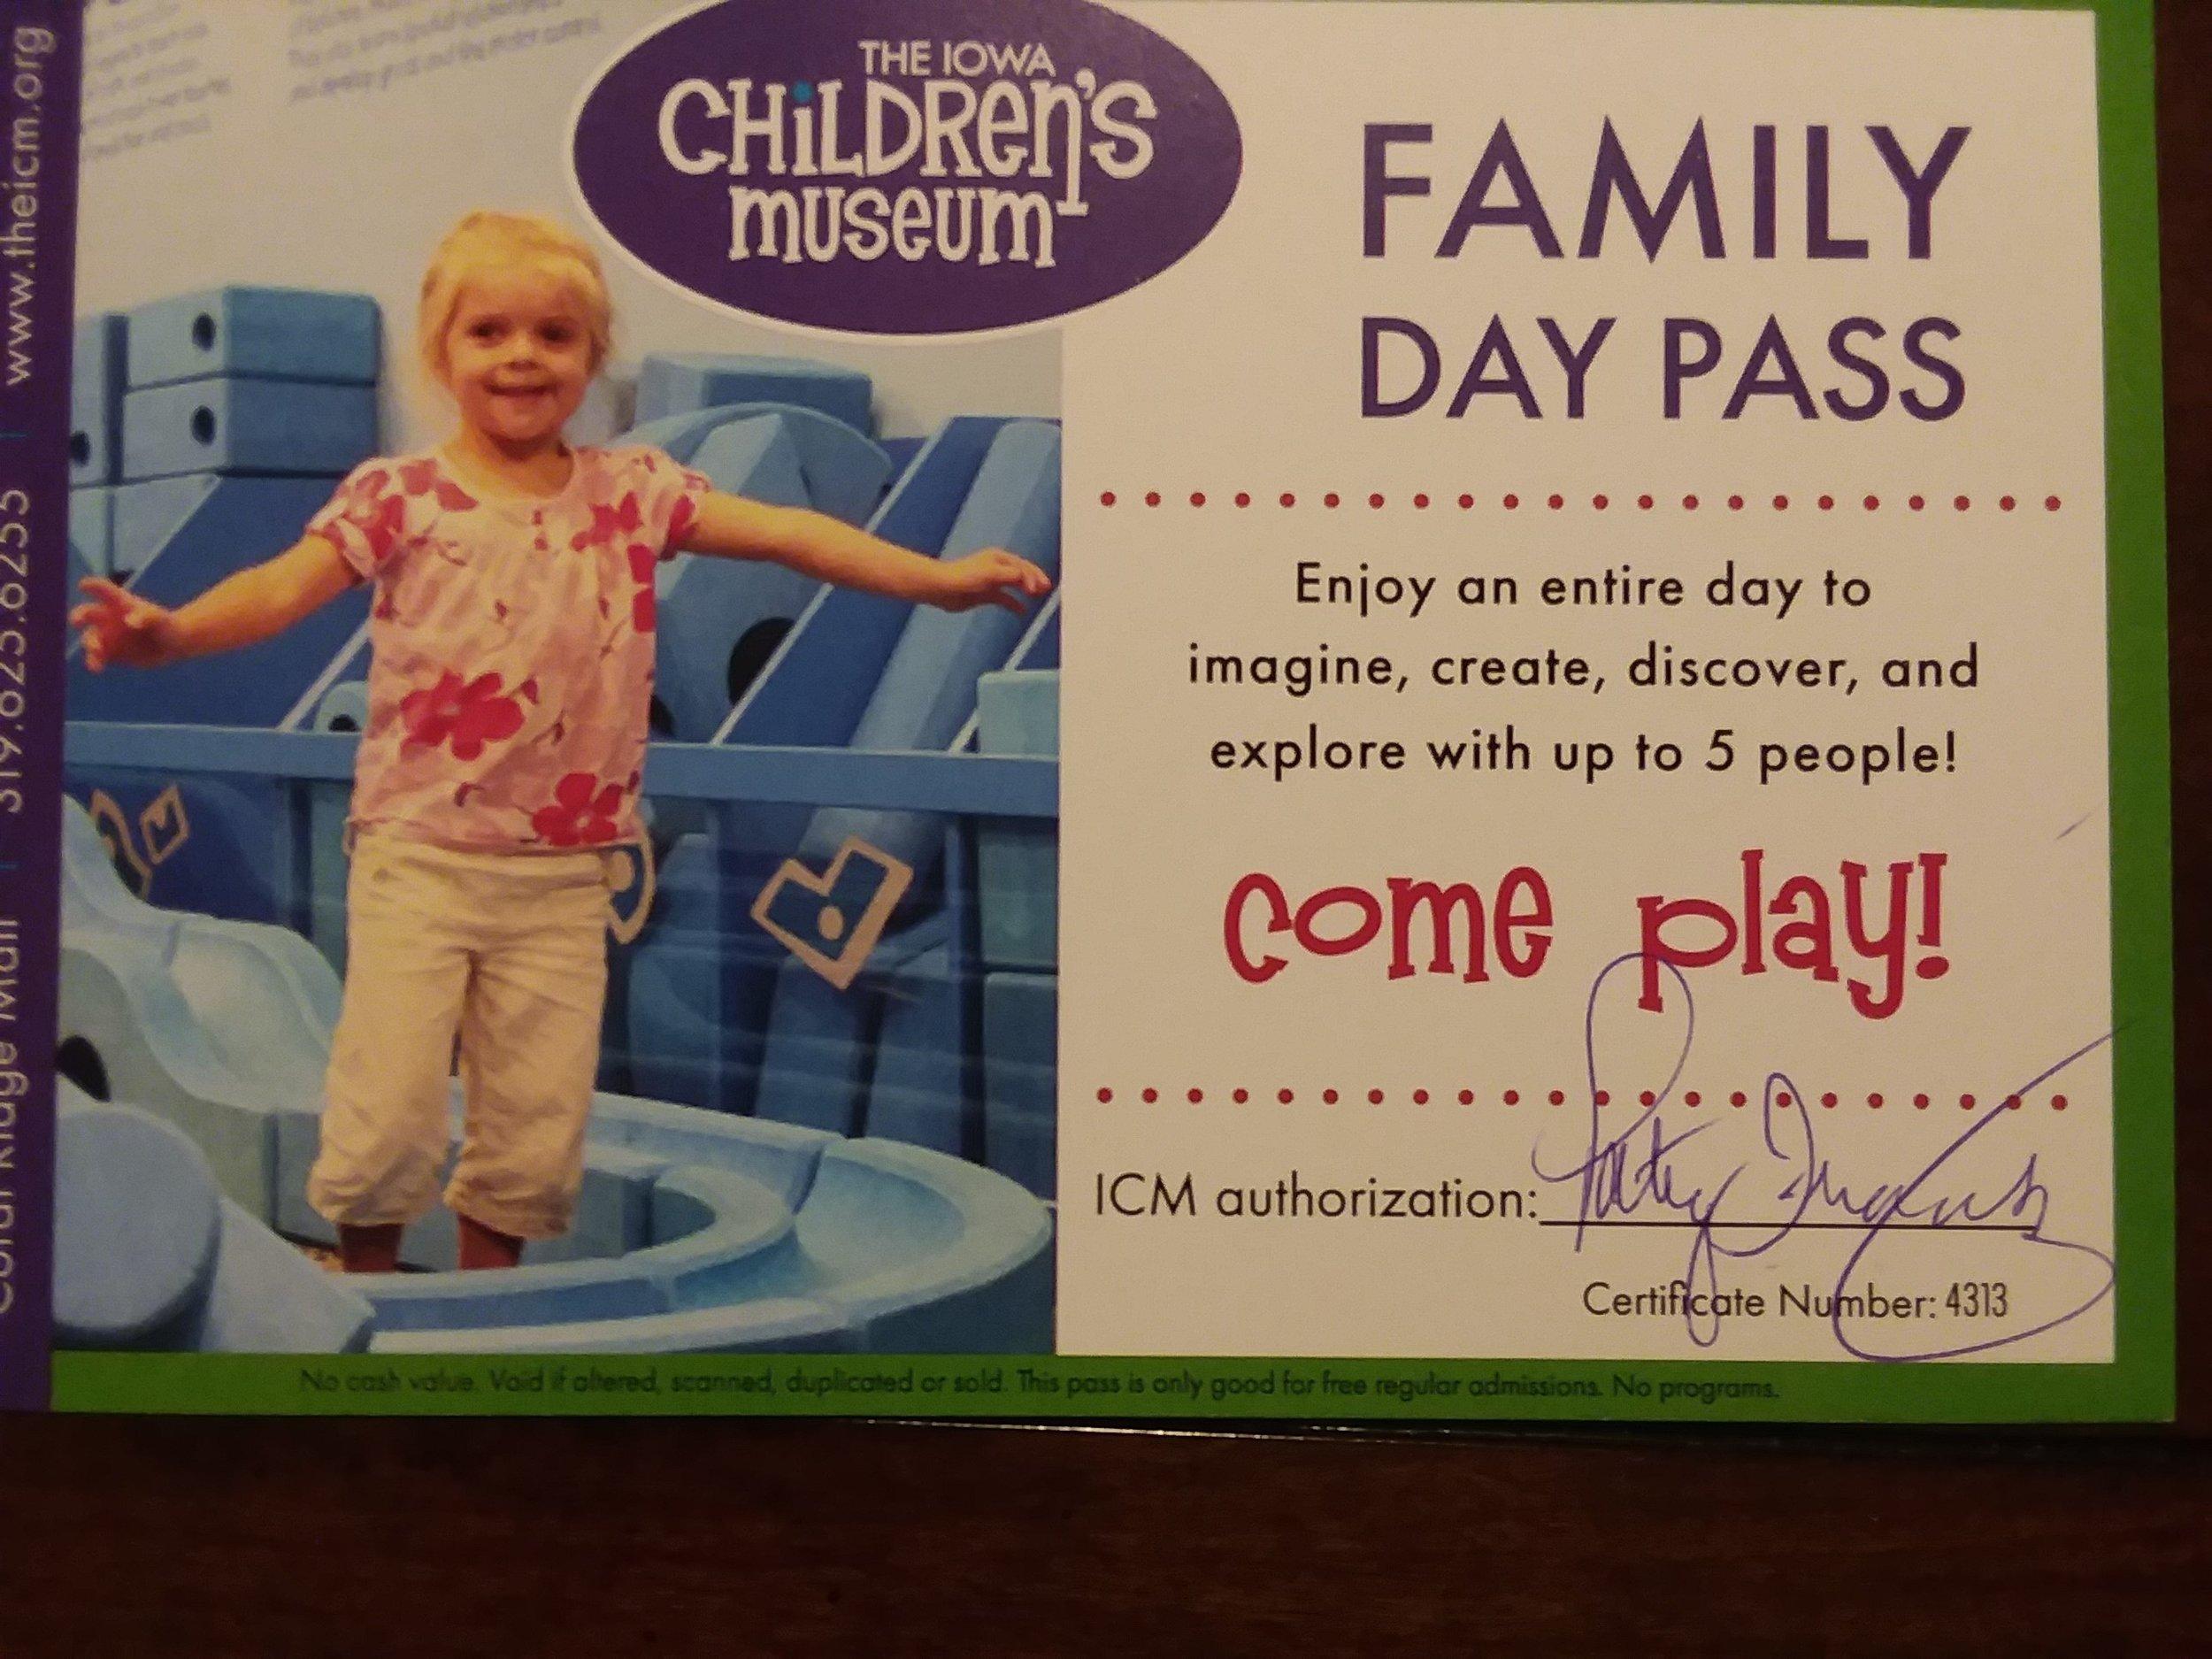 Family Pass to Iowa Children's Museum -